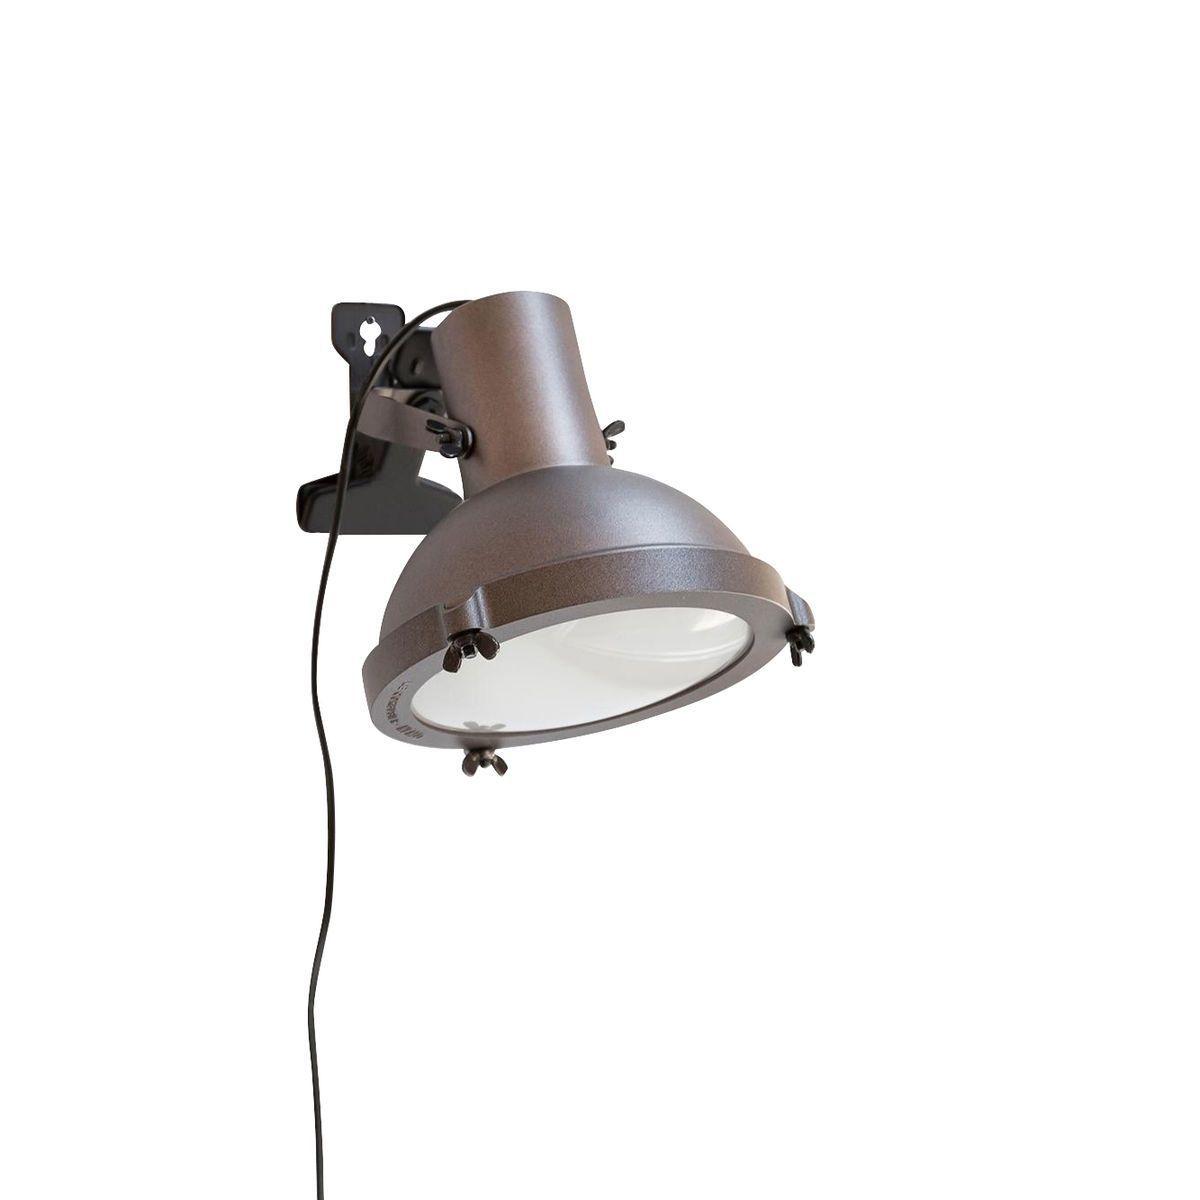 nemo projecteur 165 clip lamp mochamatth 22cm 17cm